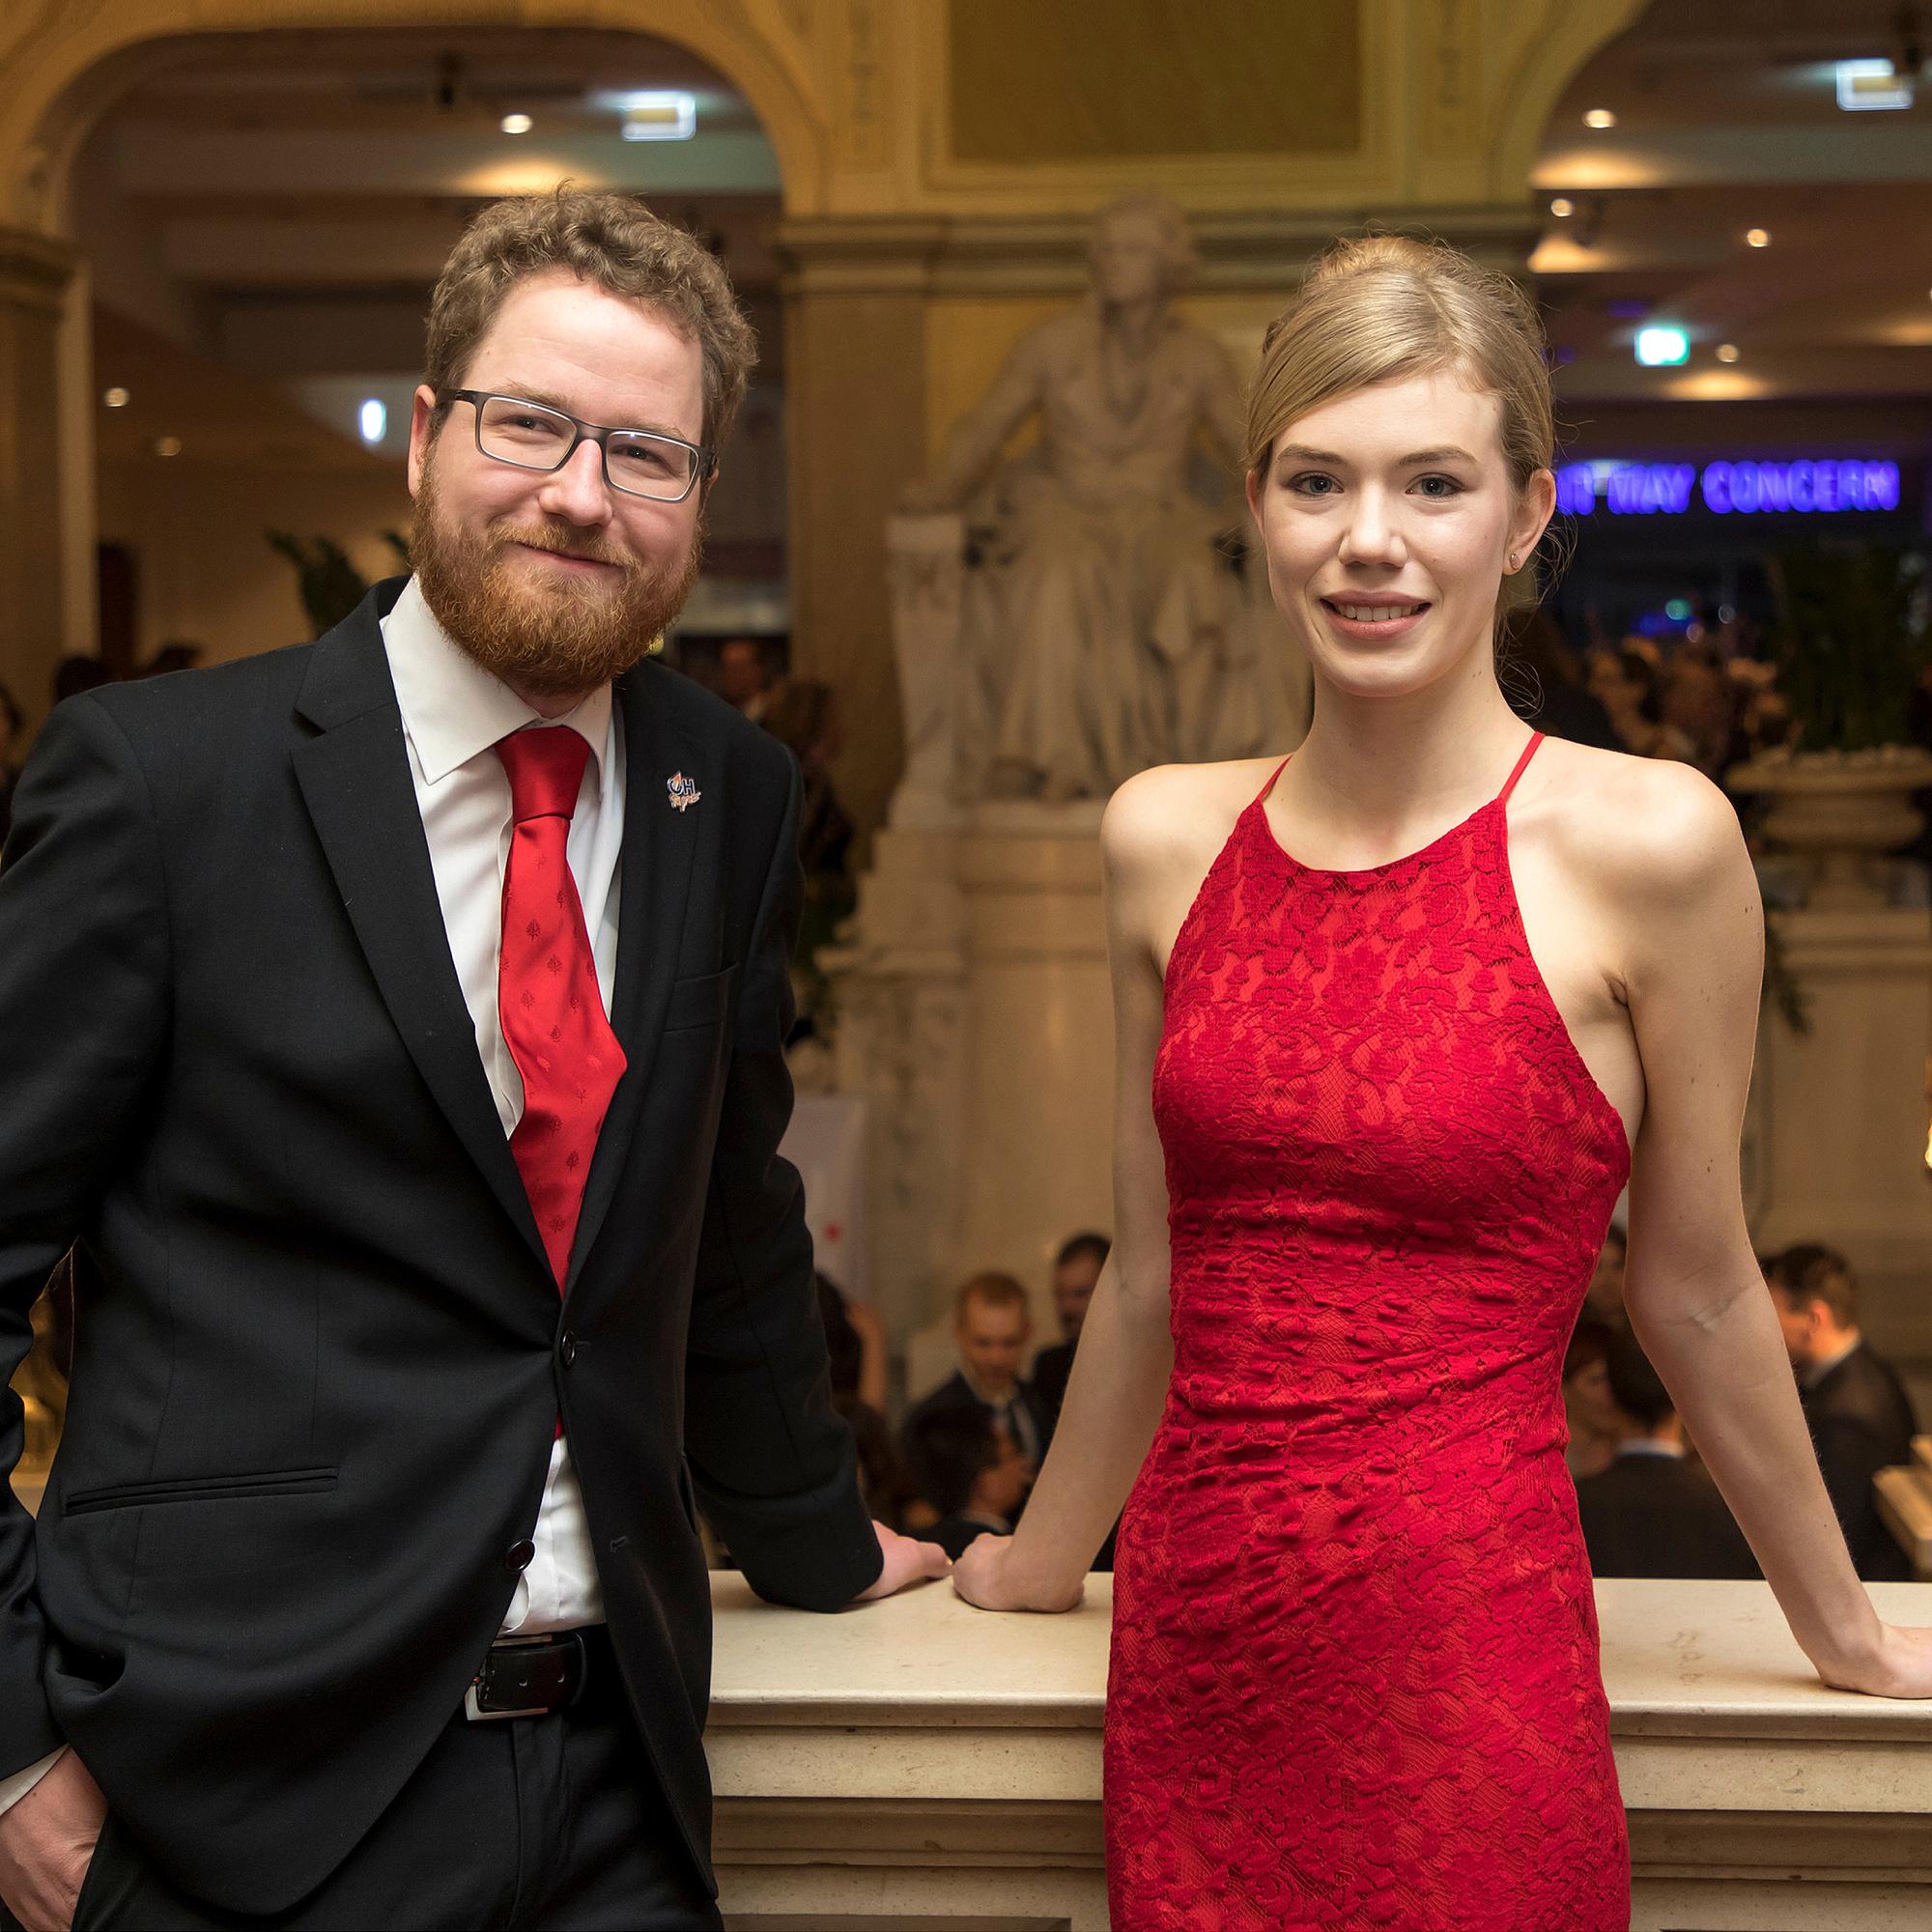 Junger Mann und junge Frau in festlicher Kleidung.